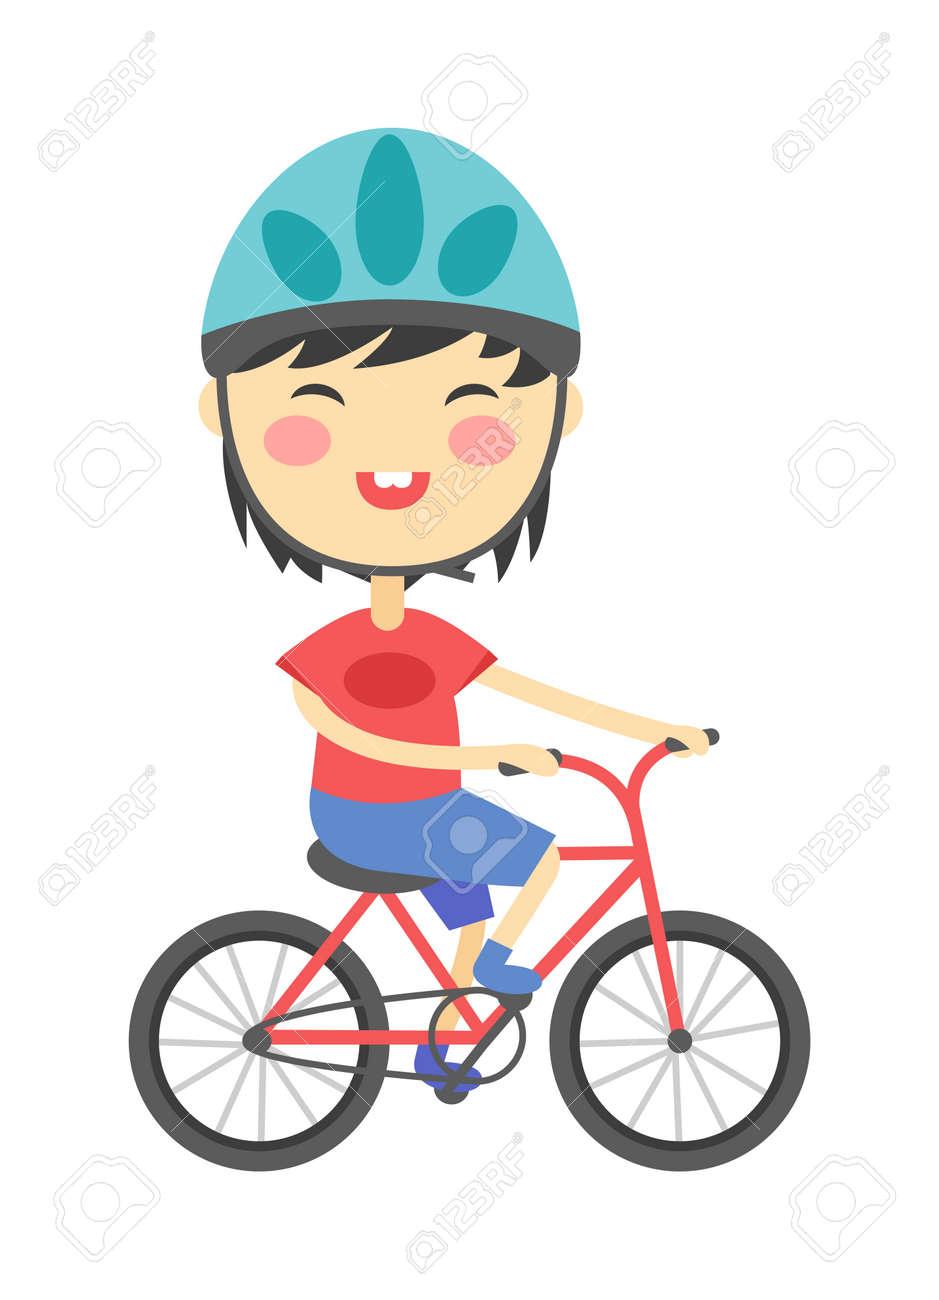 Kids Riding Bikes Child Riding Bike Kids On Bicycle Spring